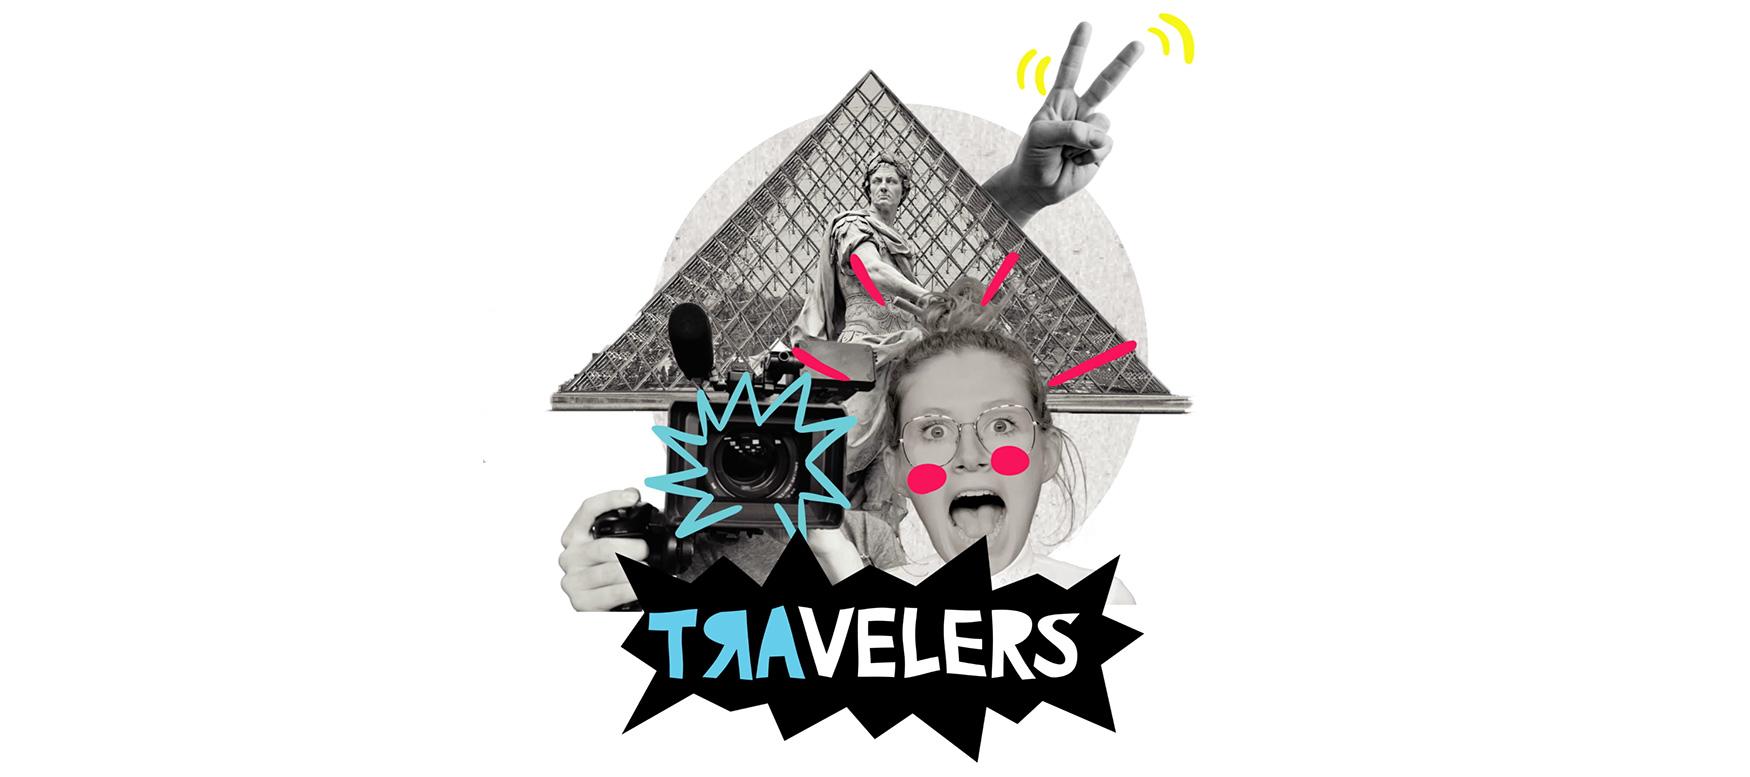 banniere-travelers